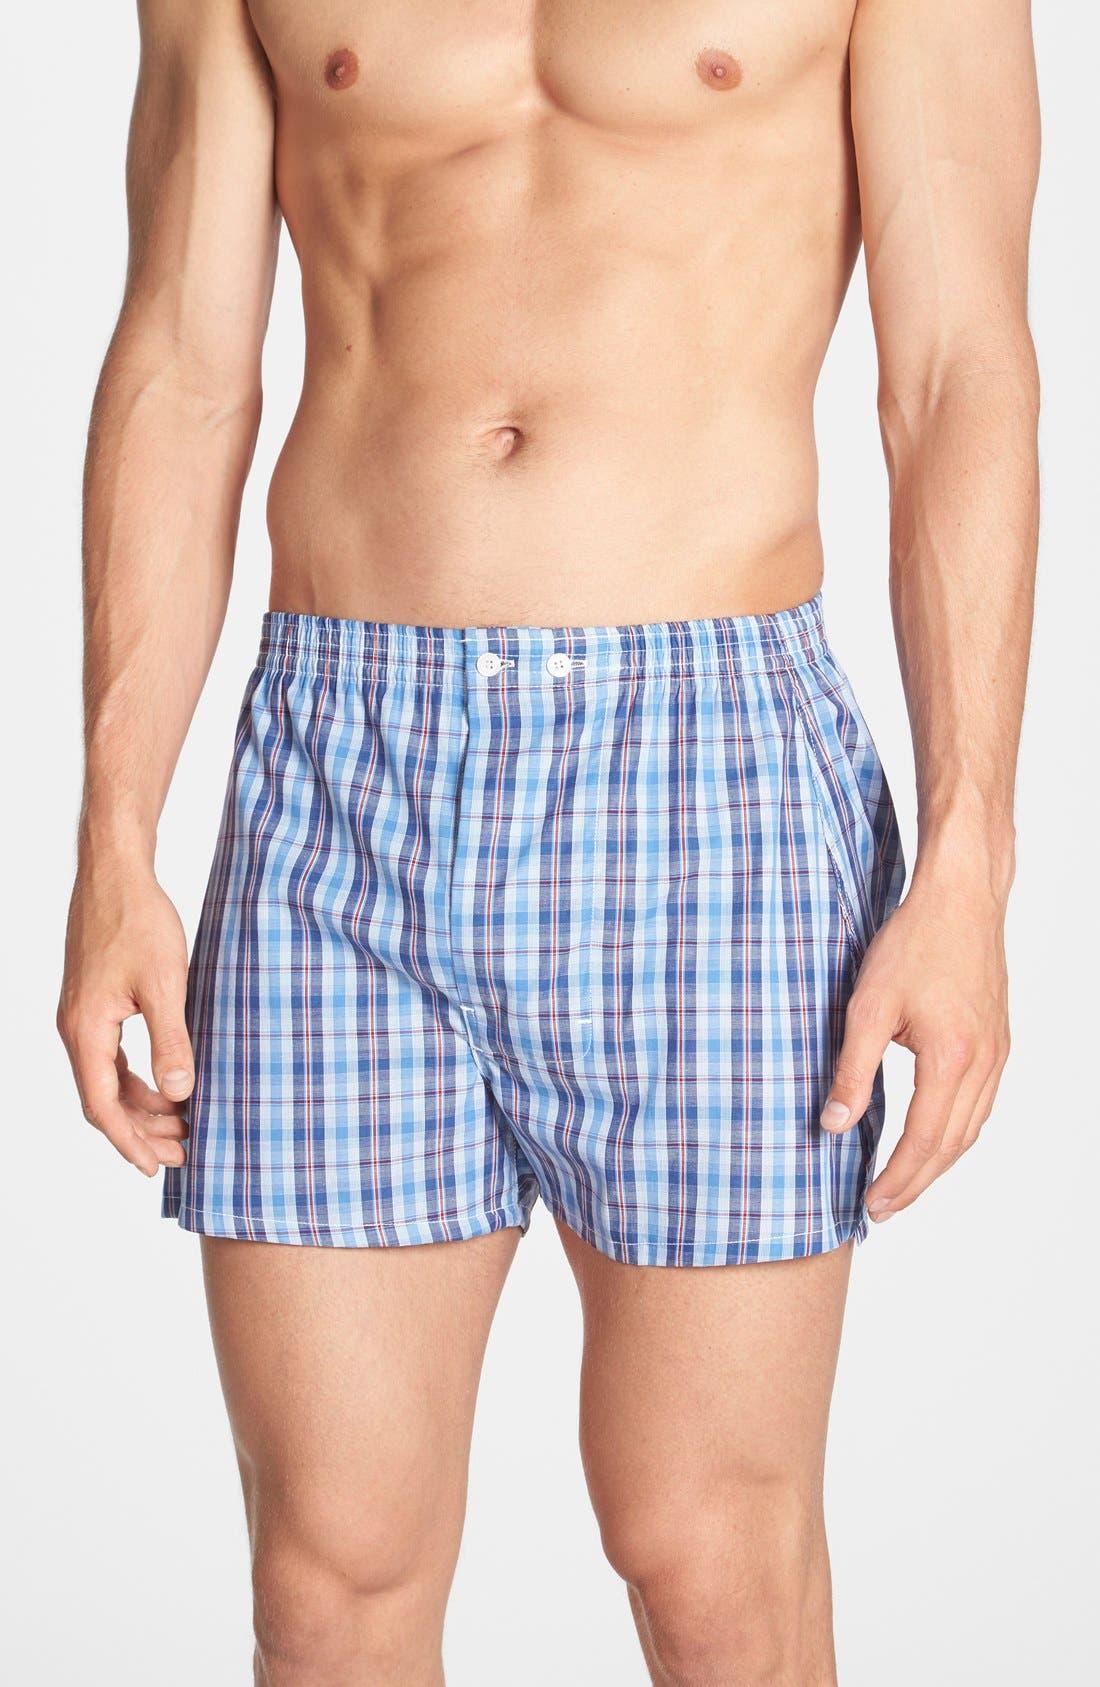 Nordstrom Men's Shop Classic Fit Cotton Boxers